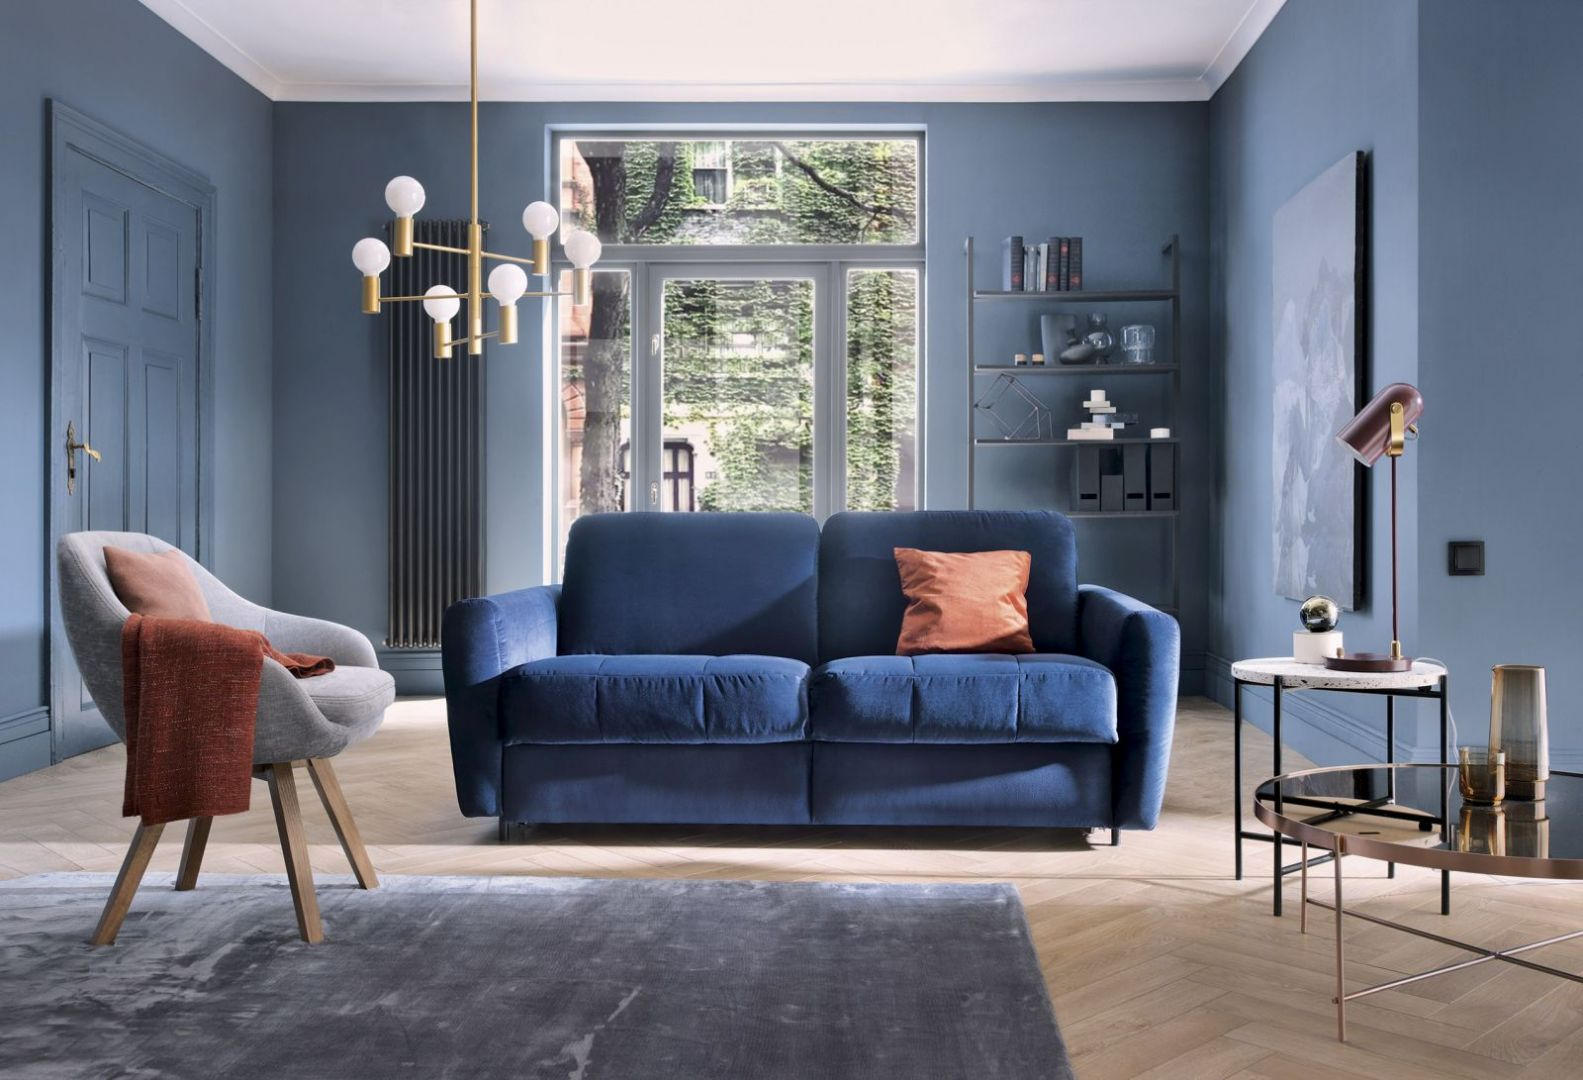 Niebieski pięknie odbija padające światło, tworząc specyficzne kontrasty, co czyni go doskonałym tłem do podkreślania materiałów bazujących na dotyku. Fot. Gala Collezione